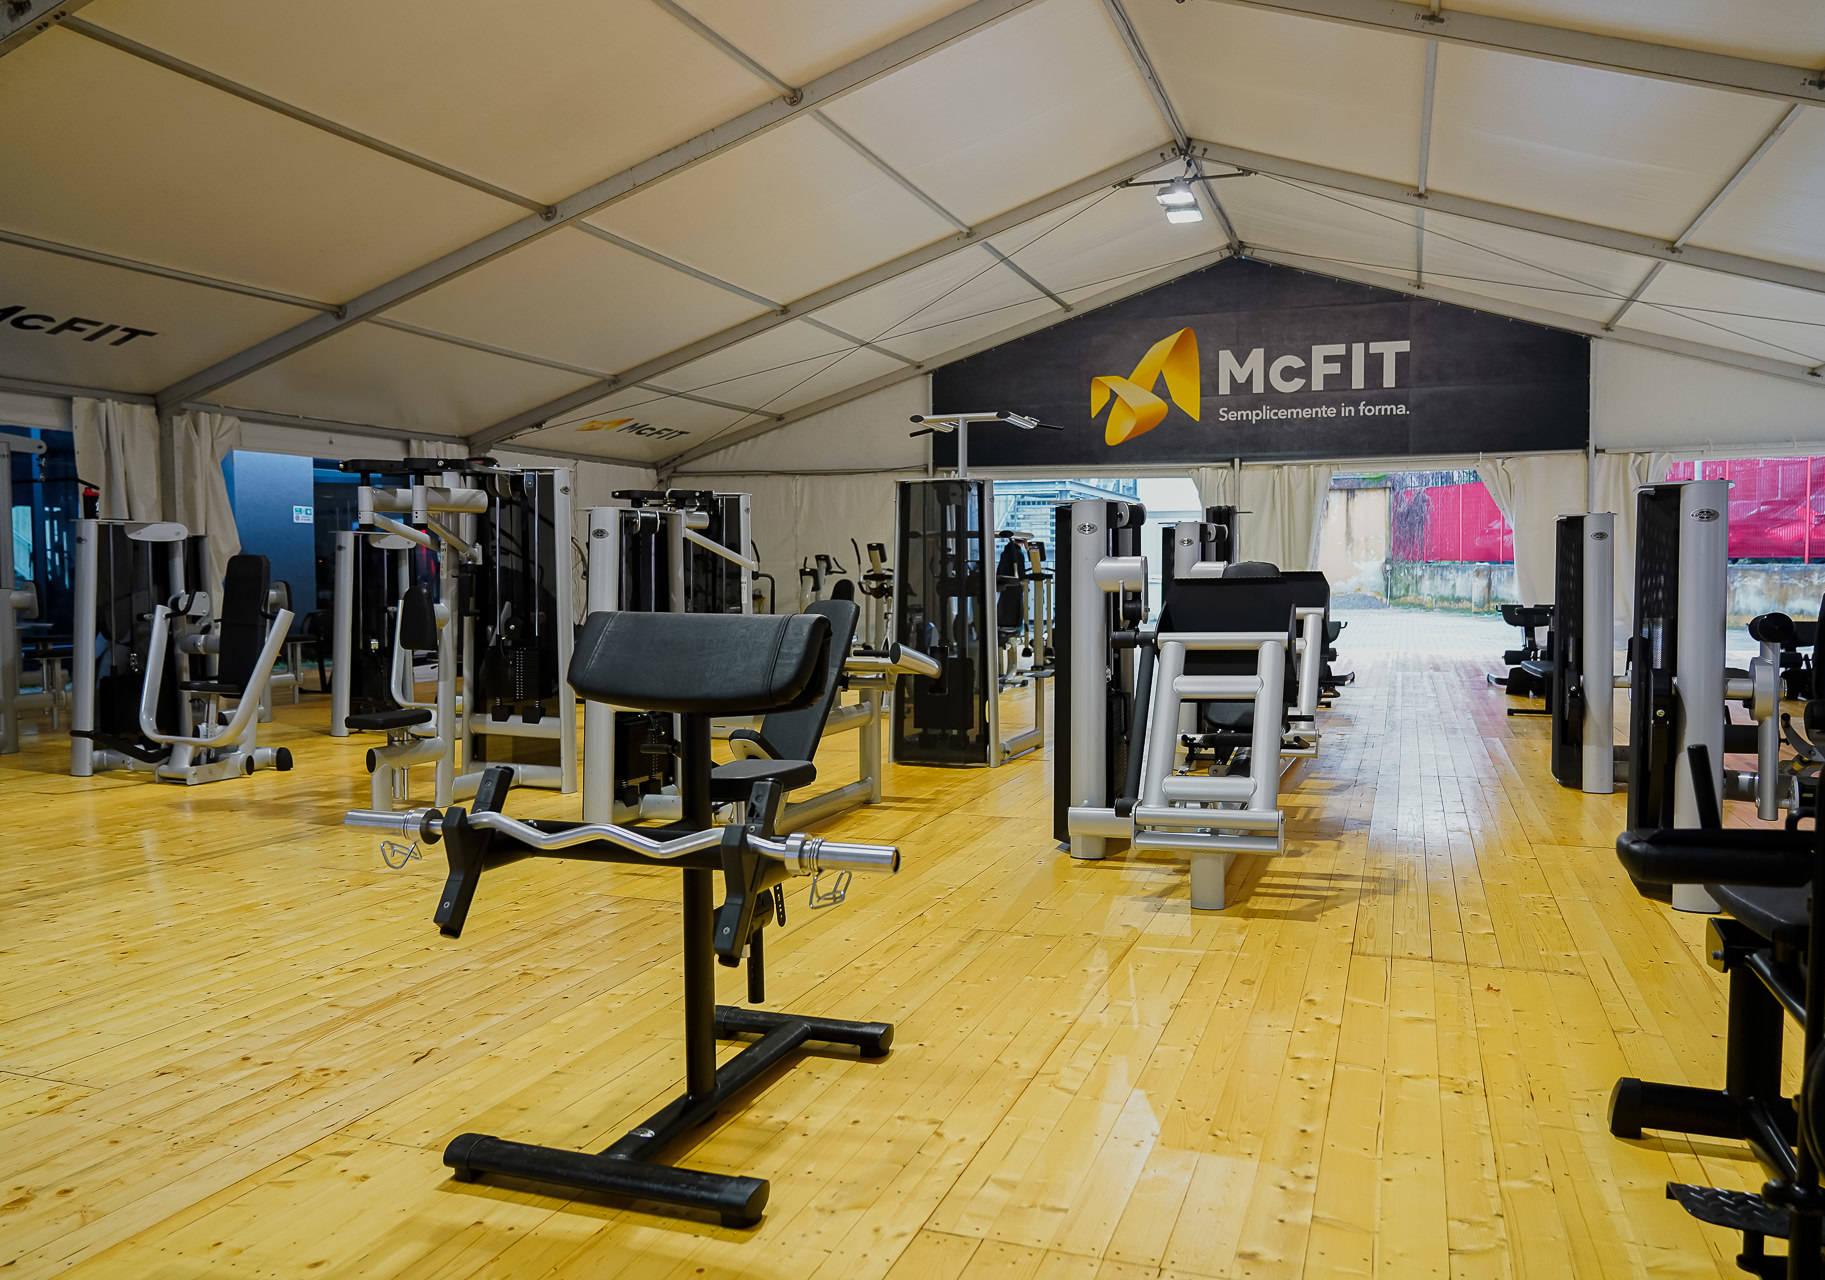 Palestre McFIT, 20 tensostrutture all'aperto per allenarsi in sicurezza